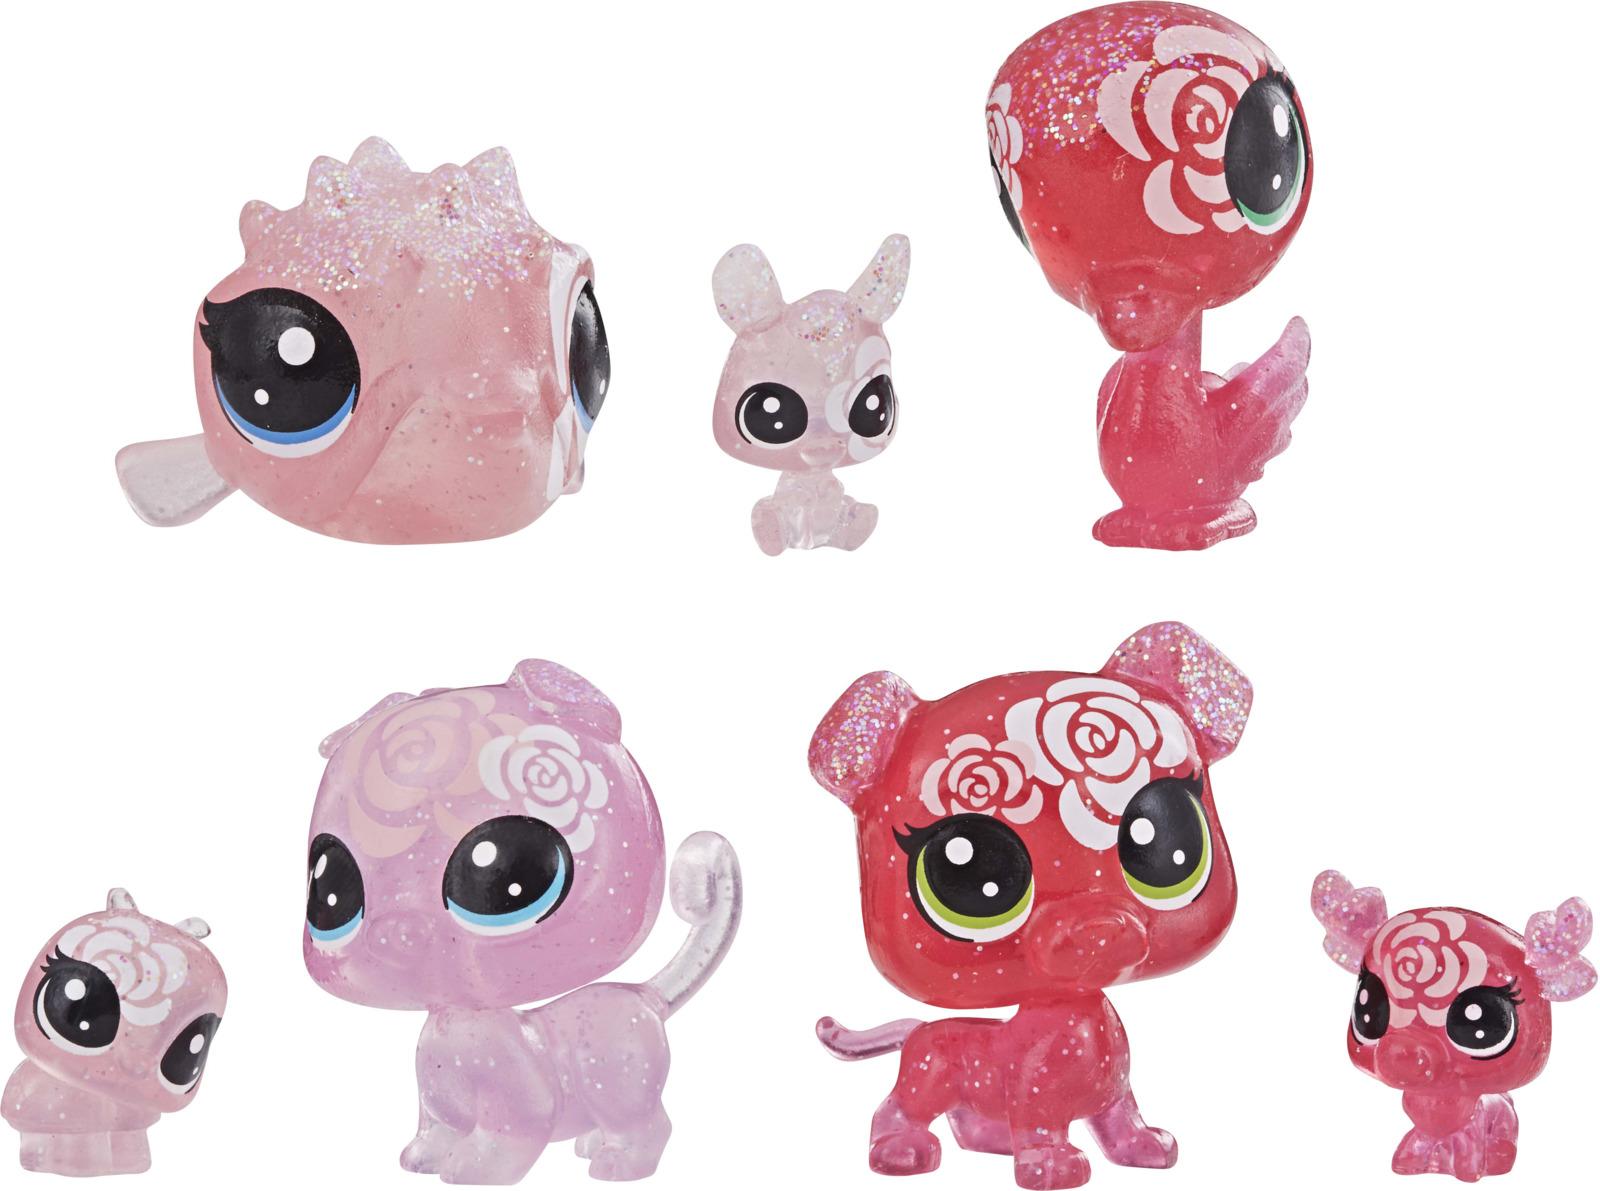 Игровой набор Littlest Pet Shop Core 7 Цветочных Петов, E5149EU4, цвет: красный